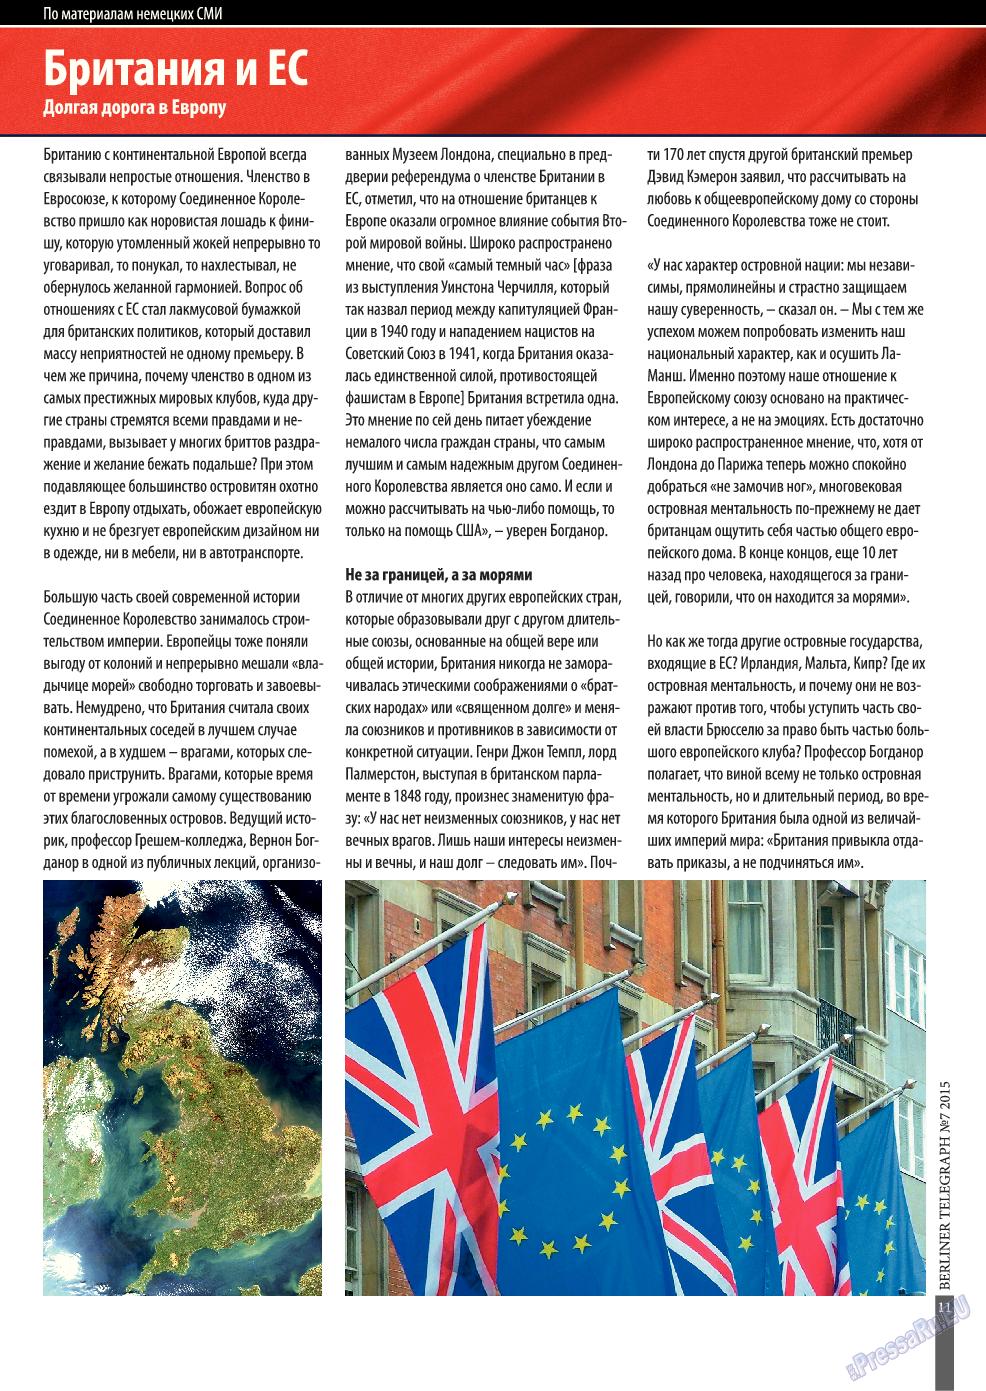 Берлинский телеграф (журнал). 2015 год, номер 8, стр. 11